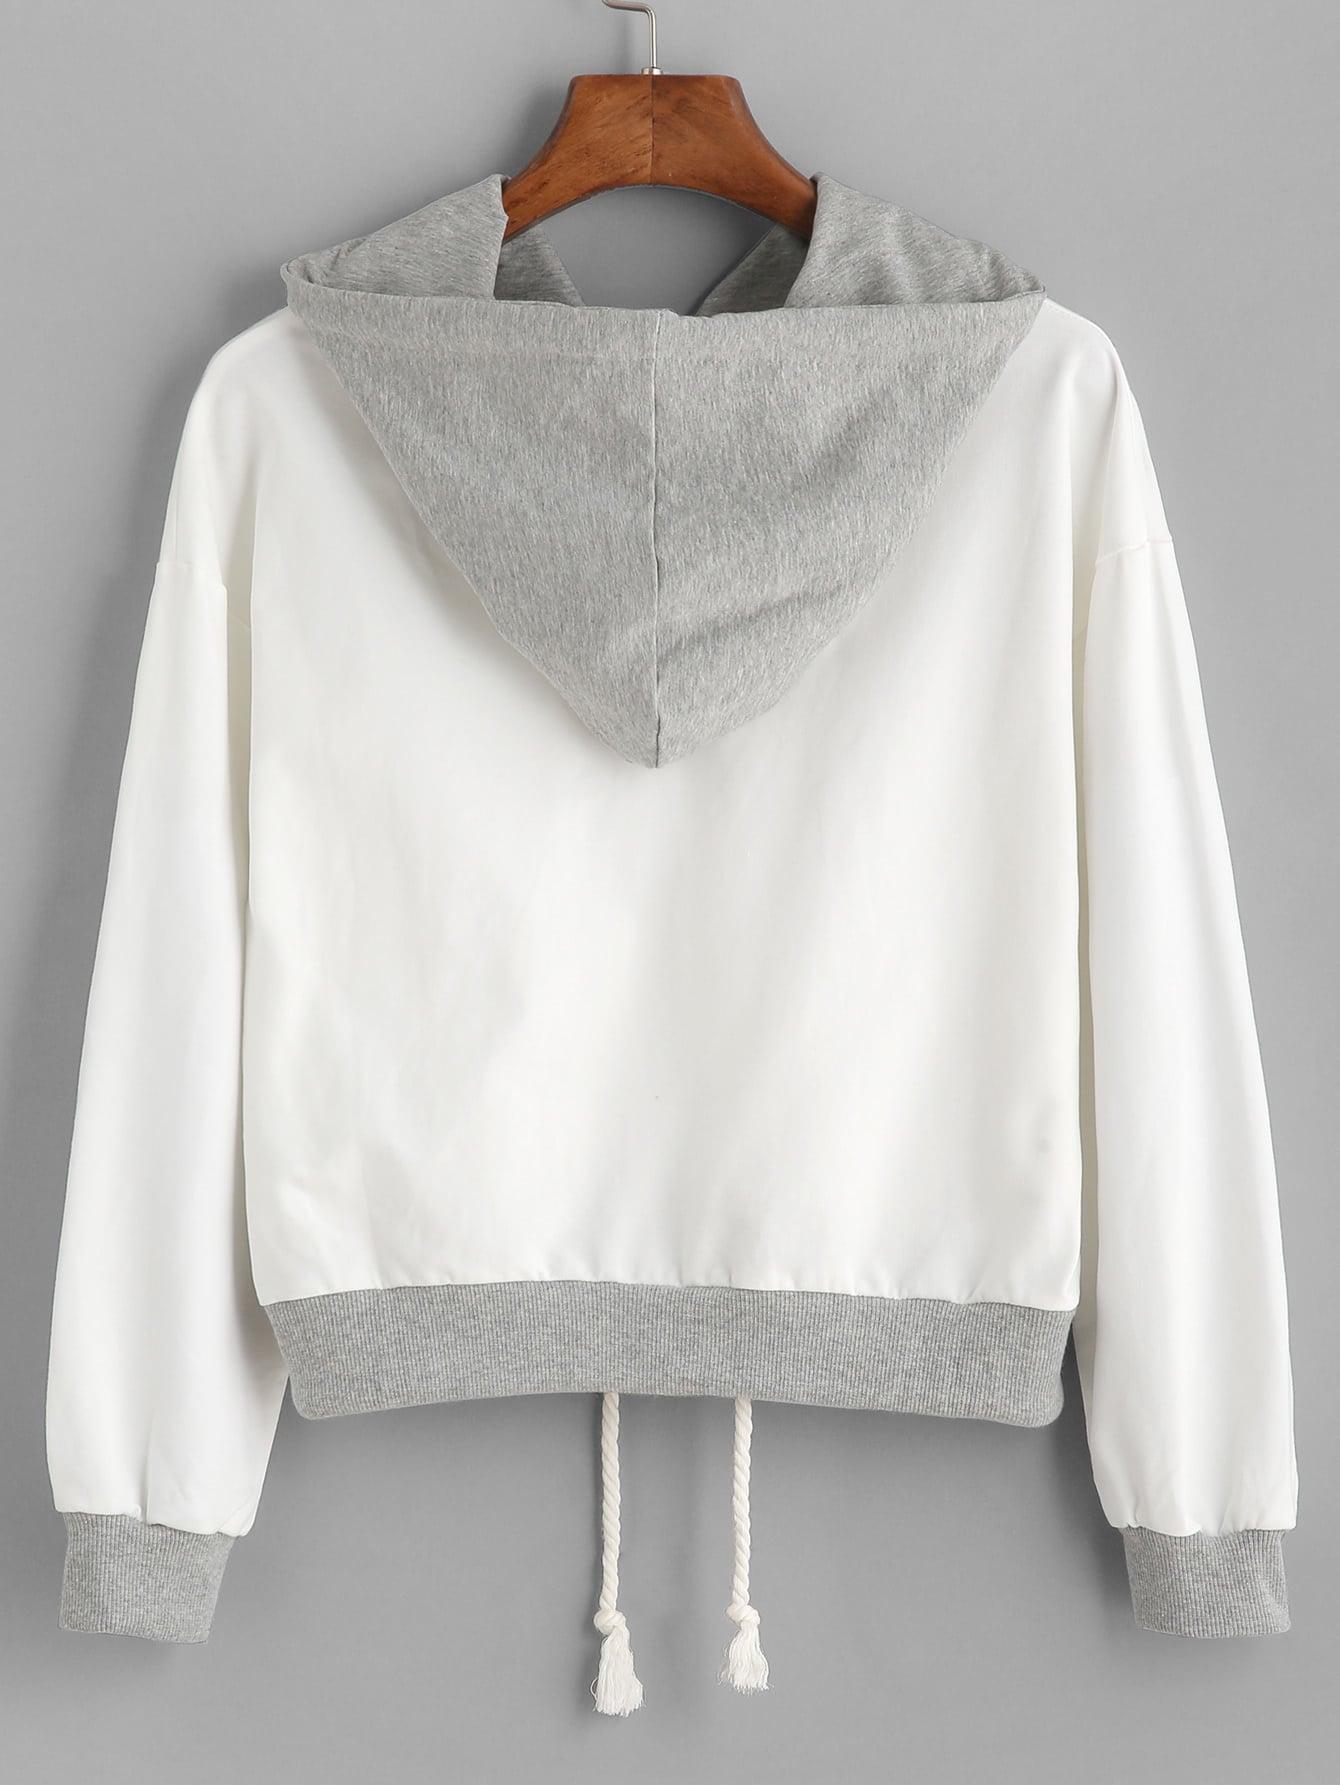 sweatshirt160810021_2